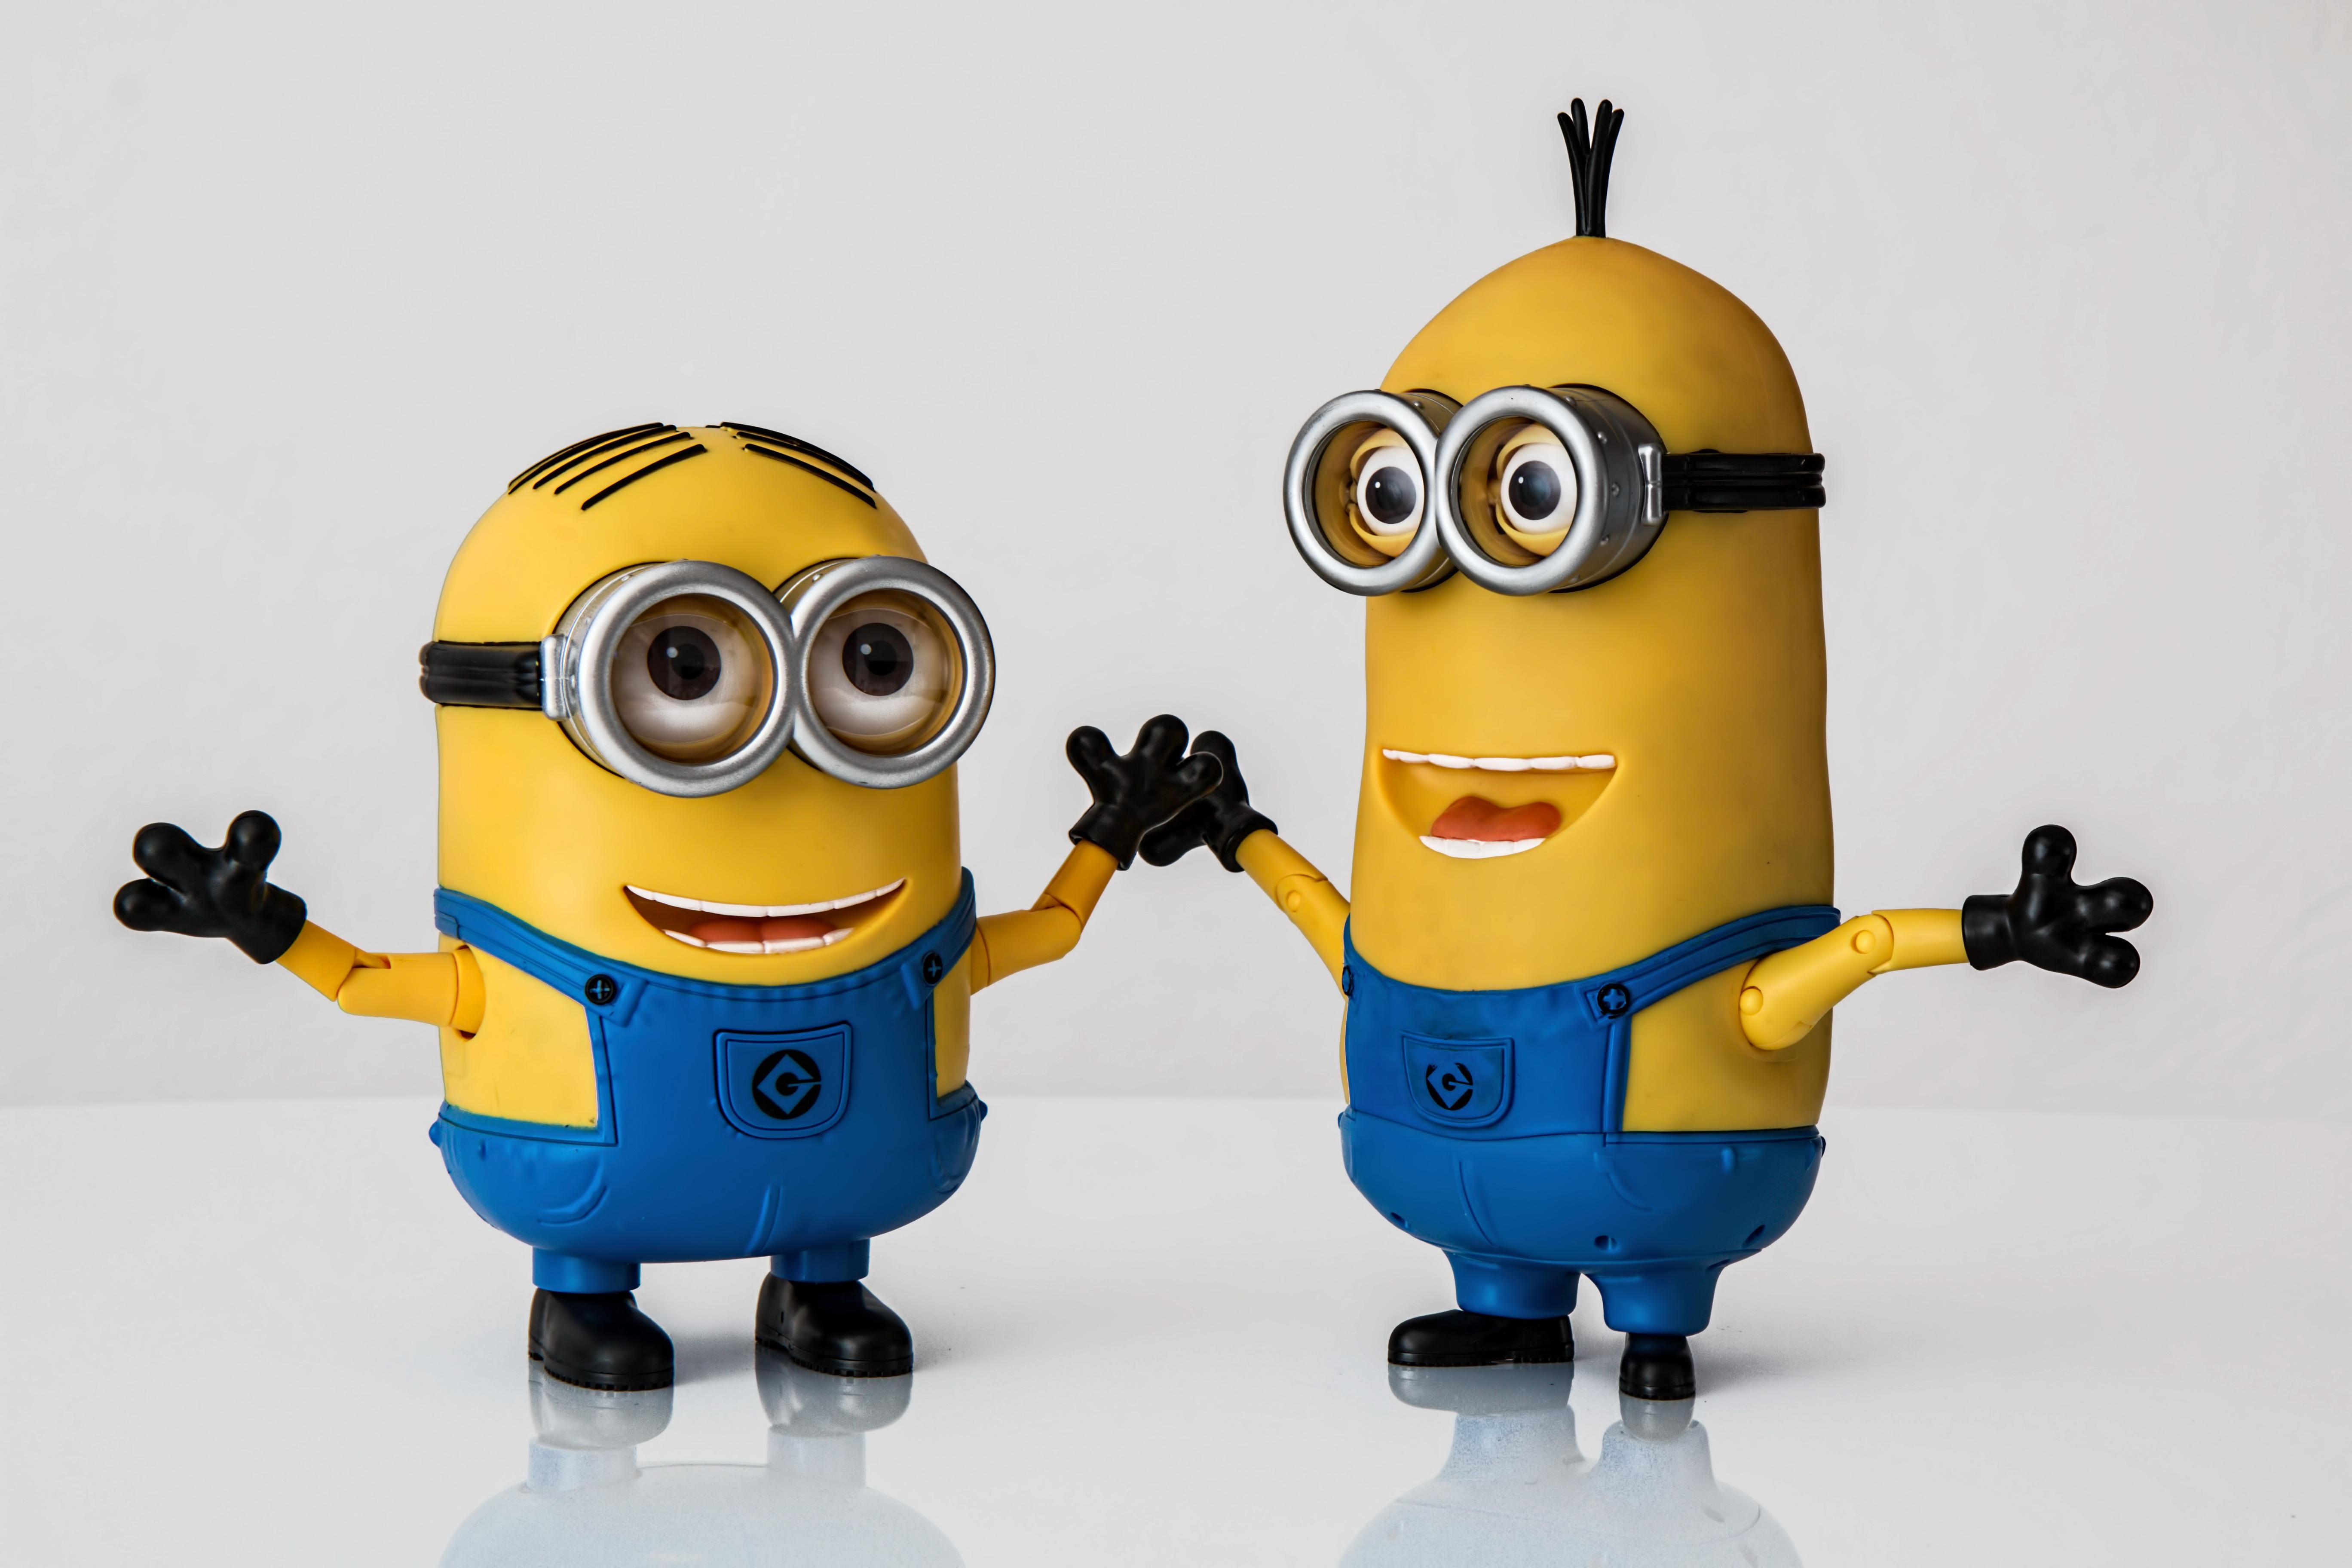 Gambar Anak Imut Mesin Mainan Tersenyum Riang Hadiah